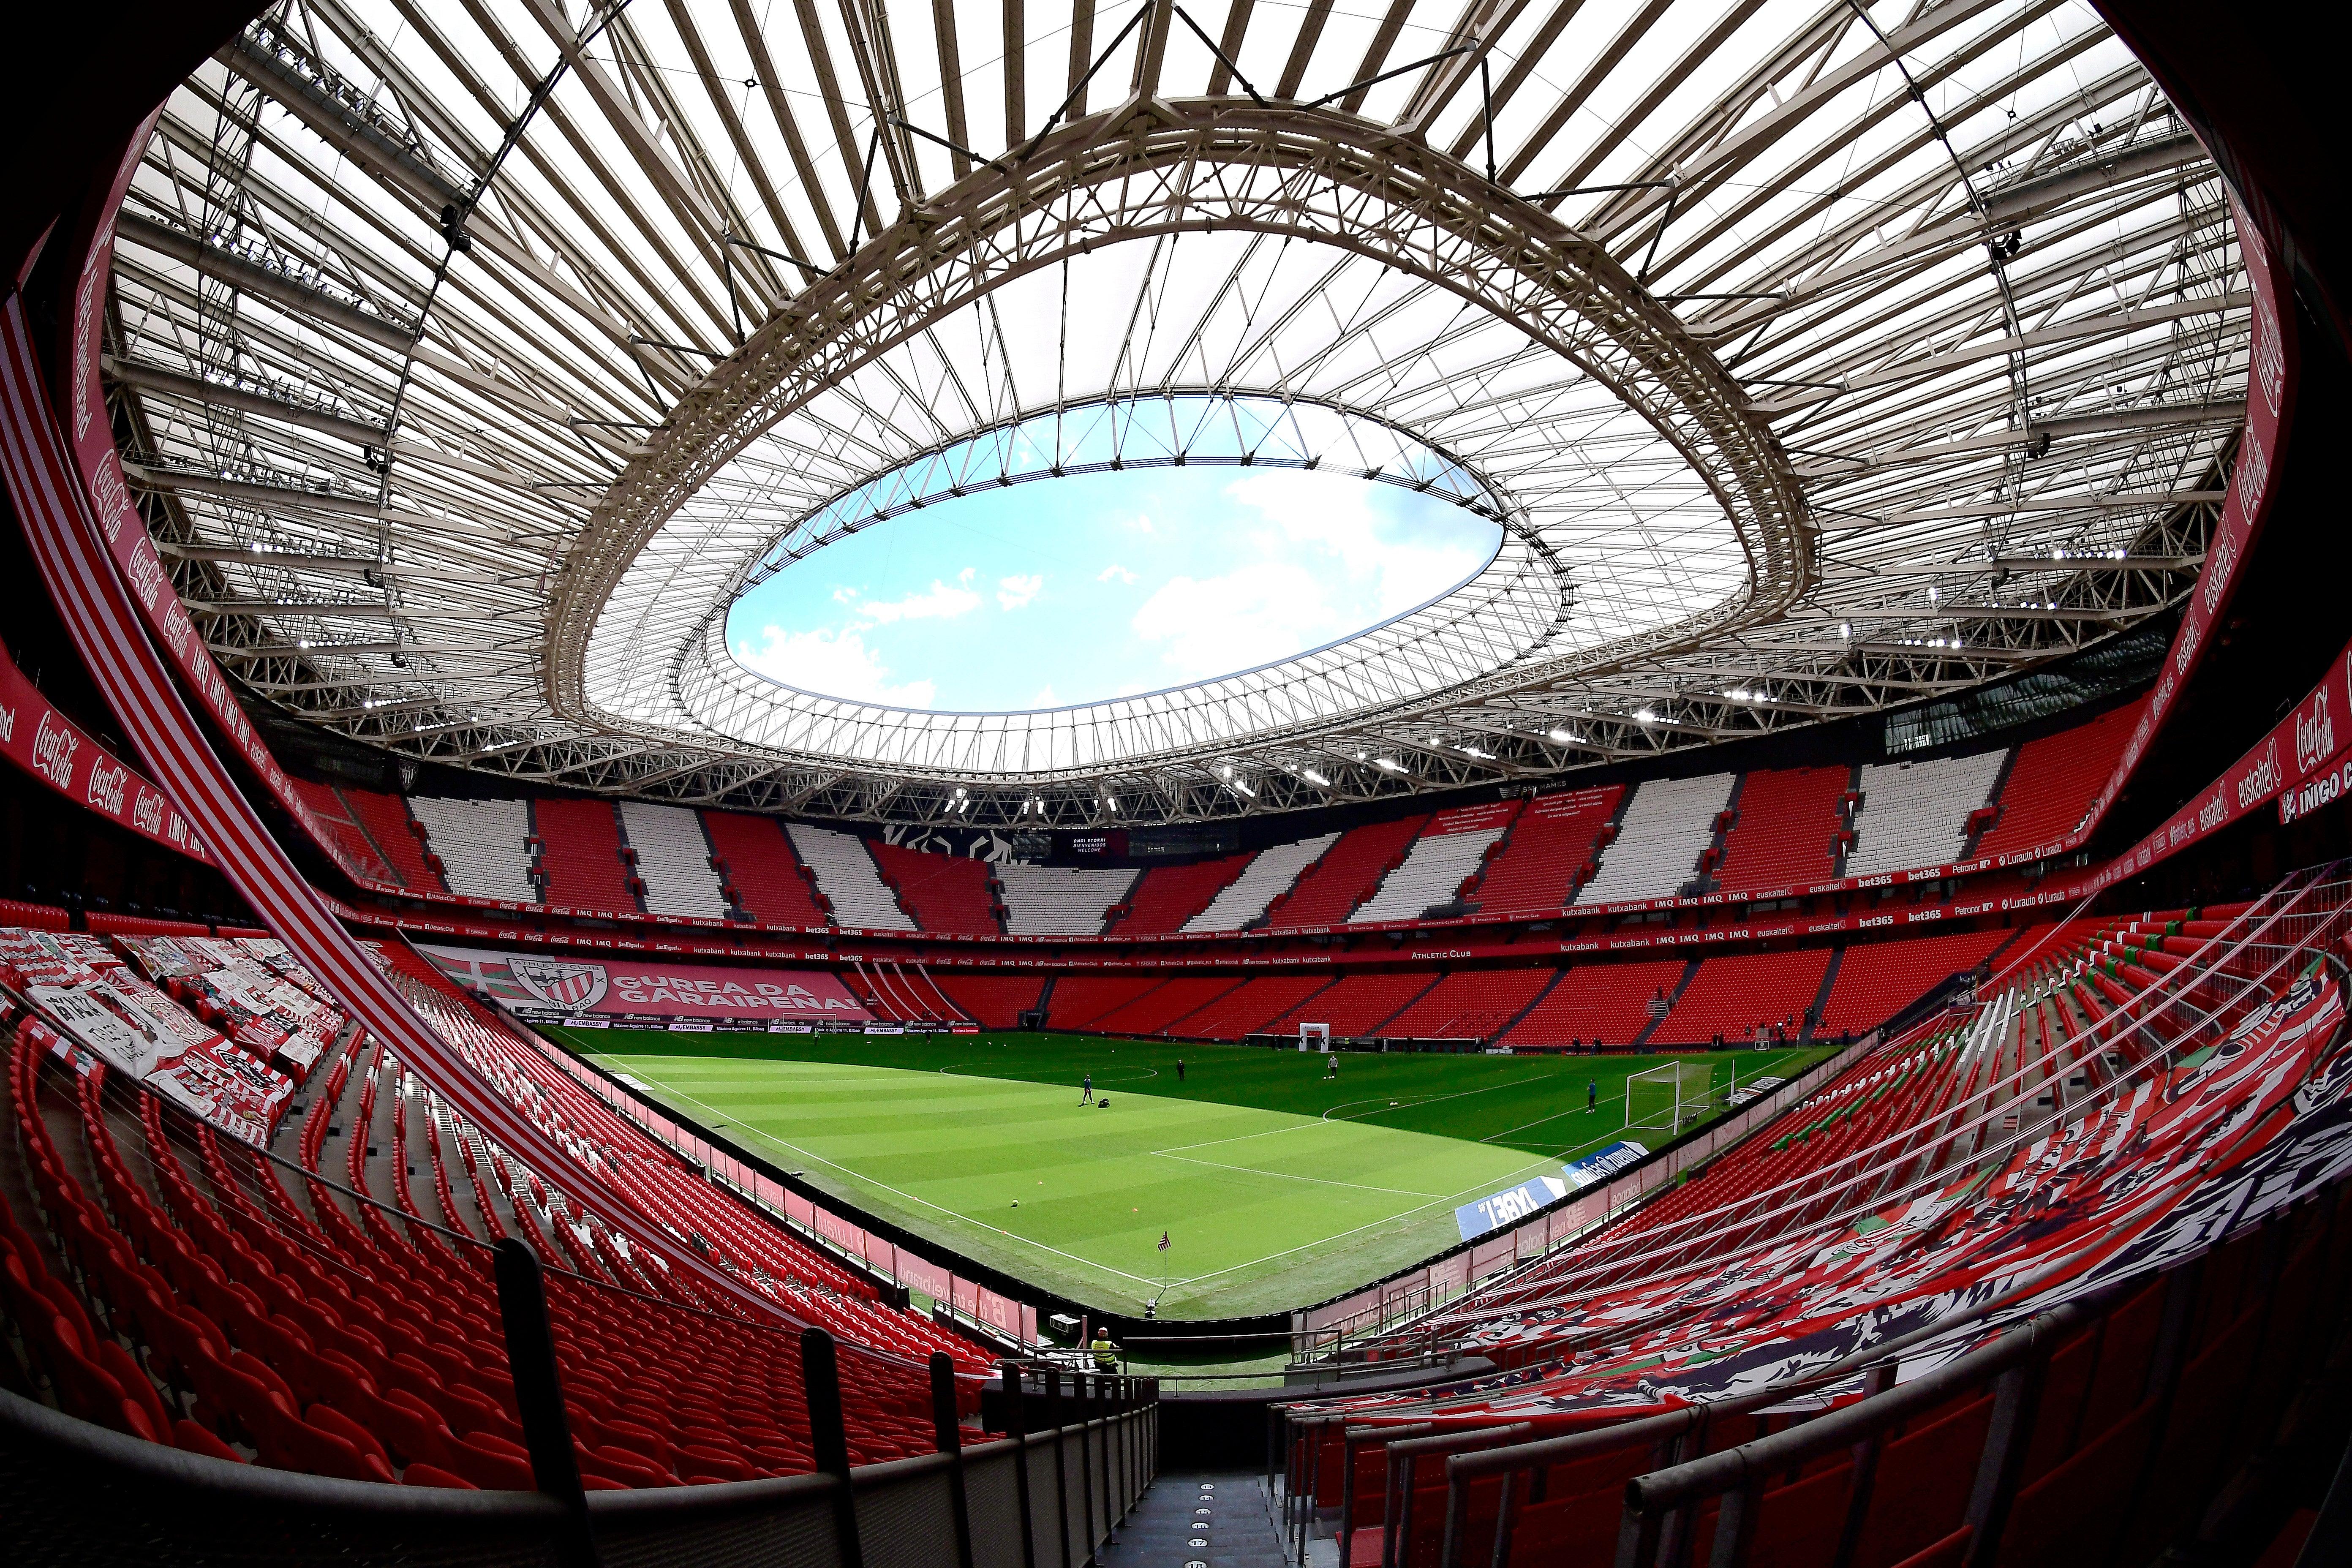 Tertulia: ¿Debe volver el público a los estadios de fútbol y baloncesto en las regiones con menor incidencia?